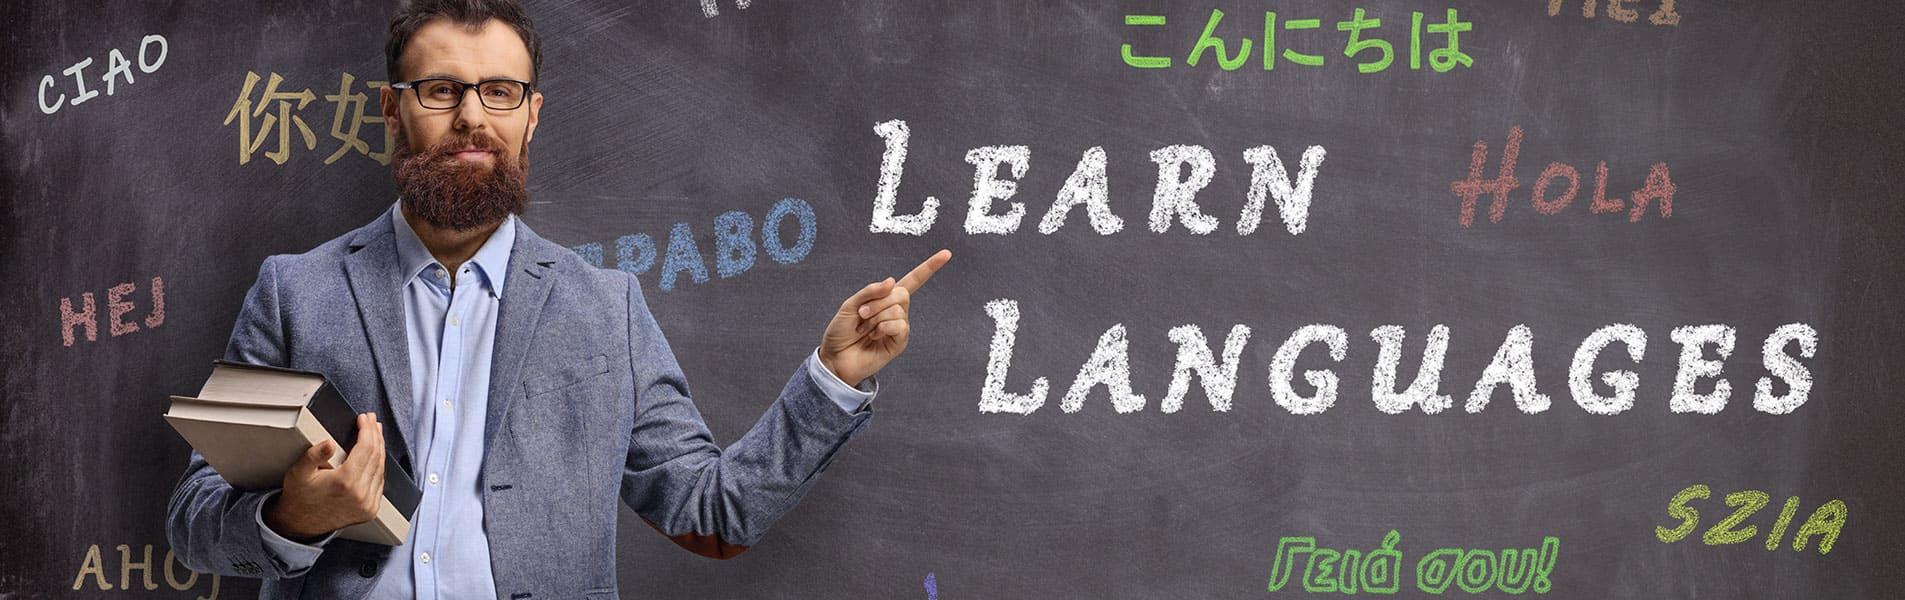 Εκπαίδευση στη Διδασκαλία των Ξένων Γλωσσών